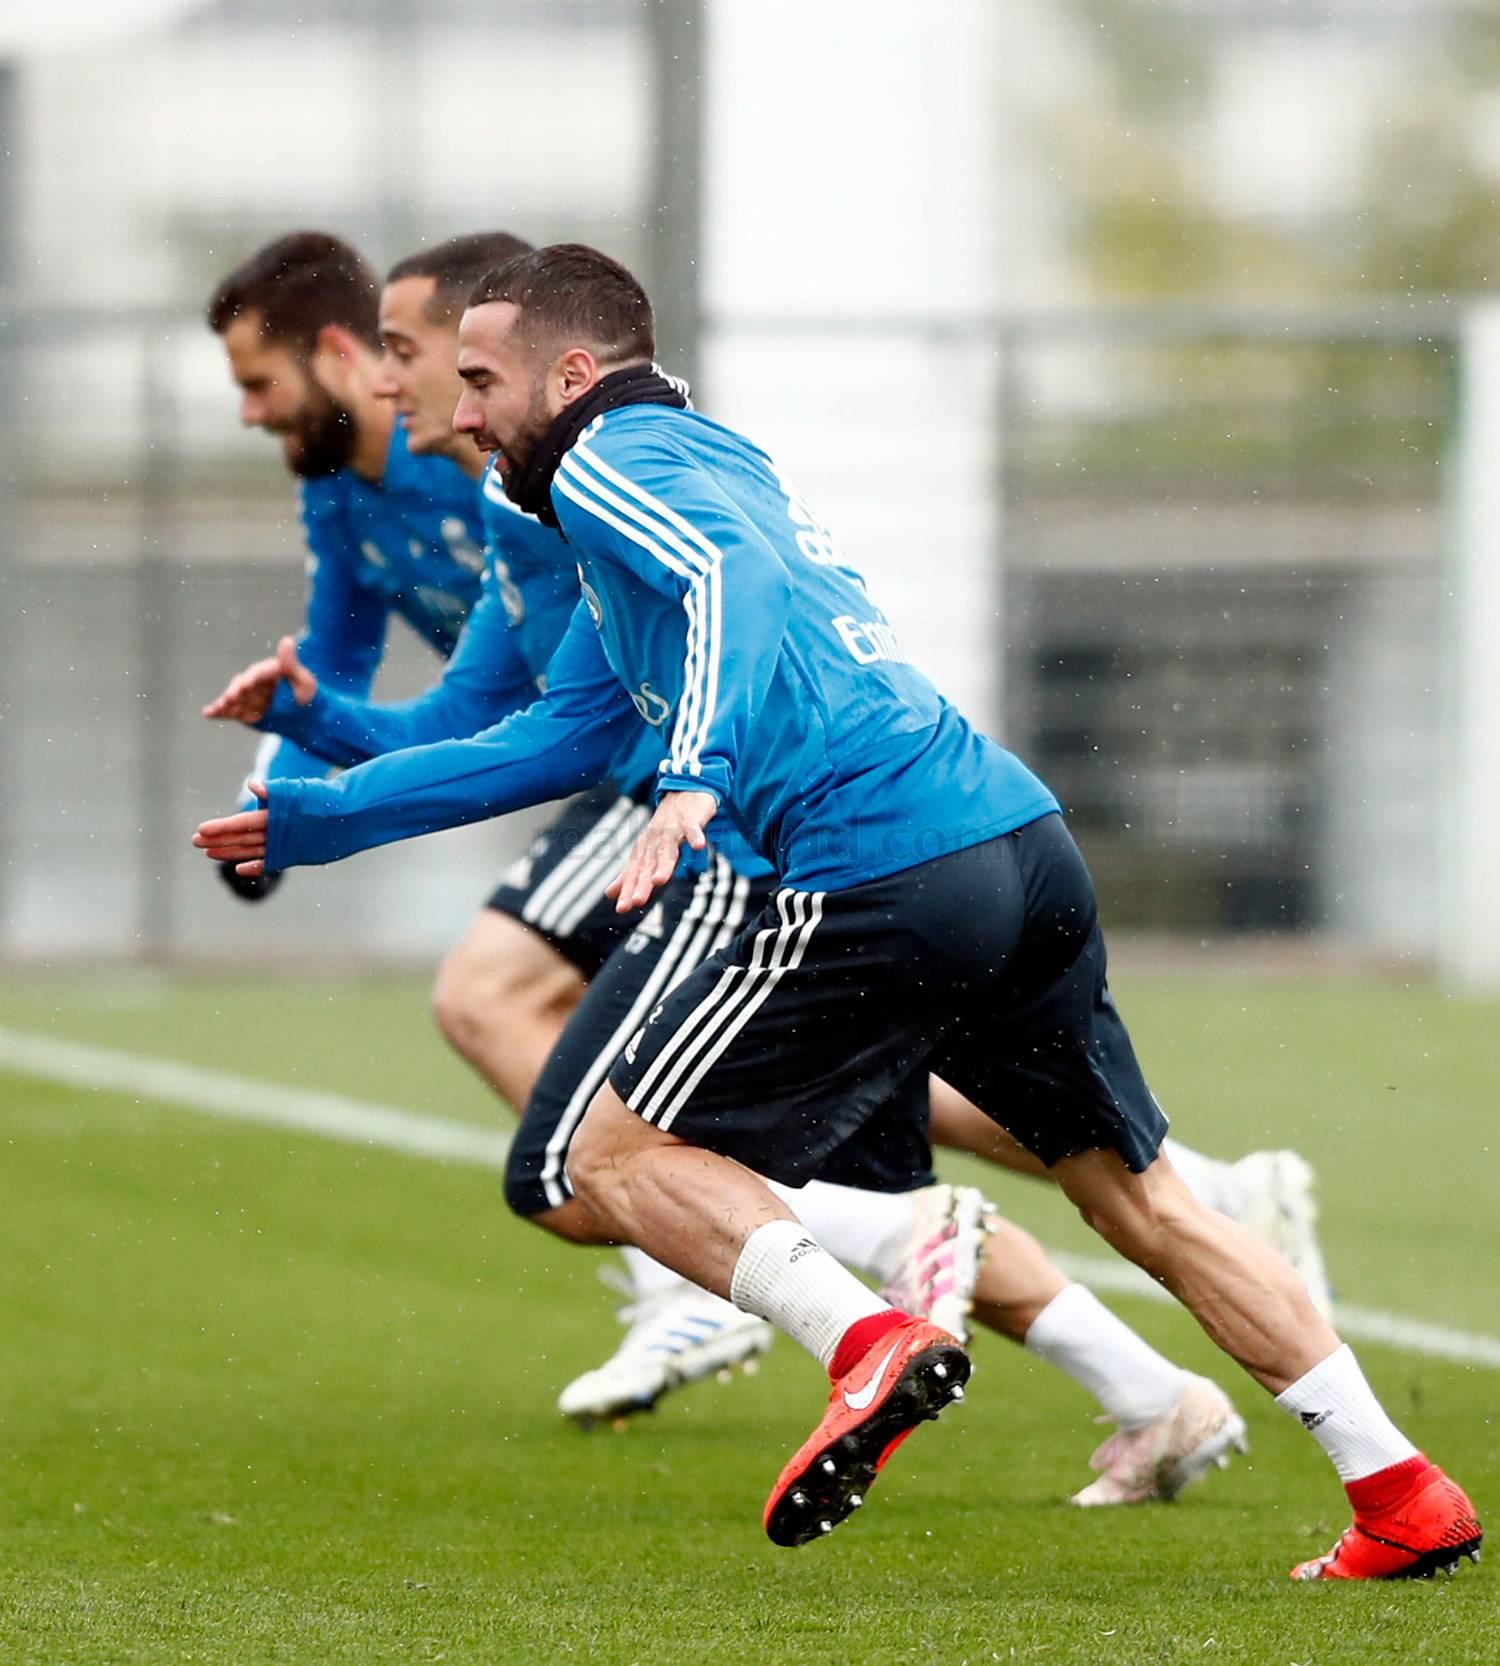 Tương lai bất định, Bale và Marcelo trở thành